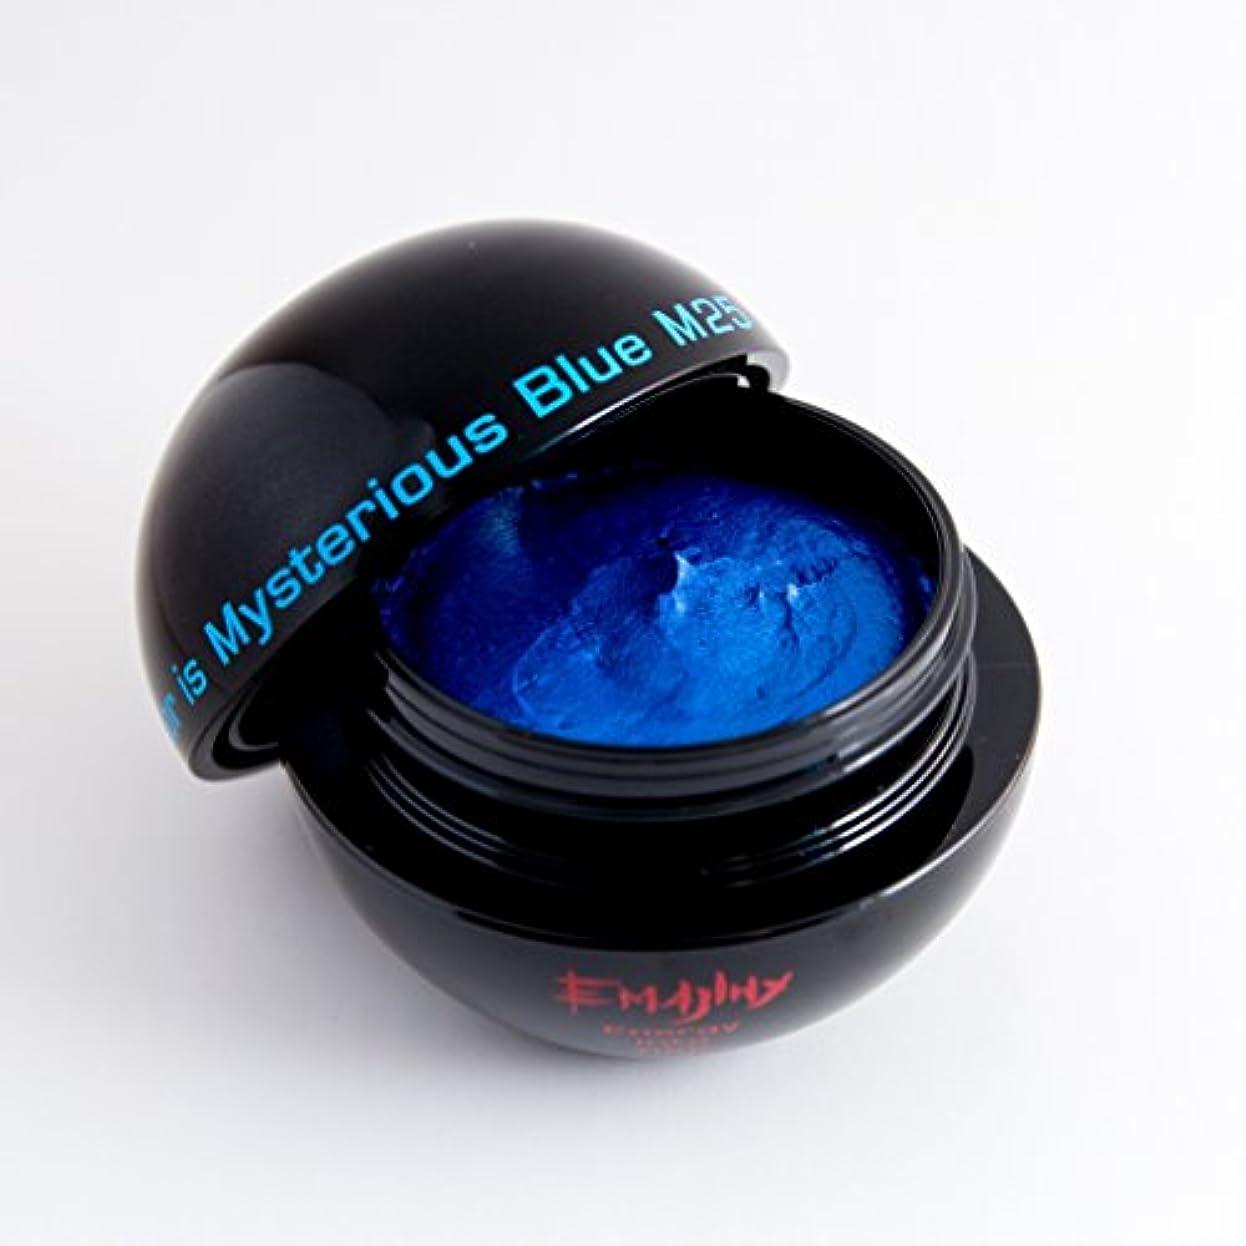 ゲスト飛び込む神秘EMAJINY Mysterious Blue M25(ブルーヘアカラーワックス)青【日本製】【無香料】